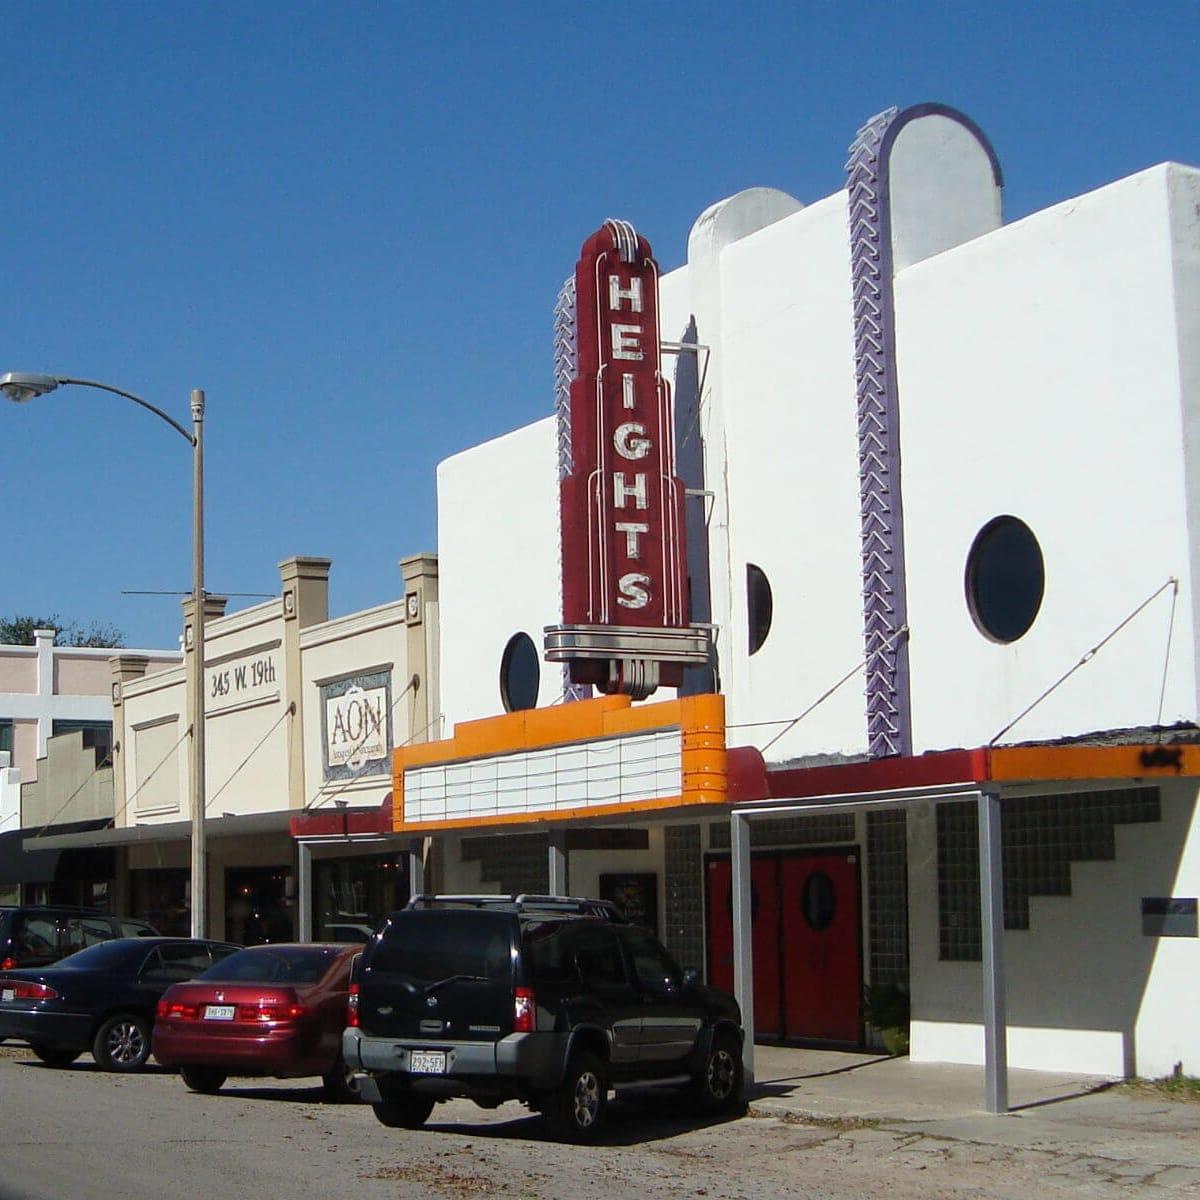 AIA Houston presents Houston Heights Bicycle Tour